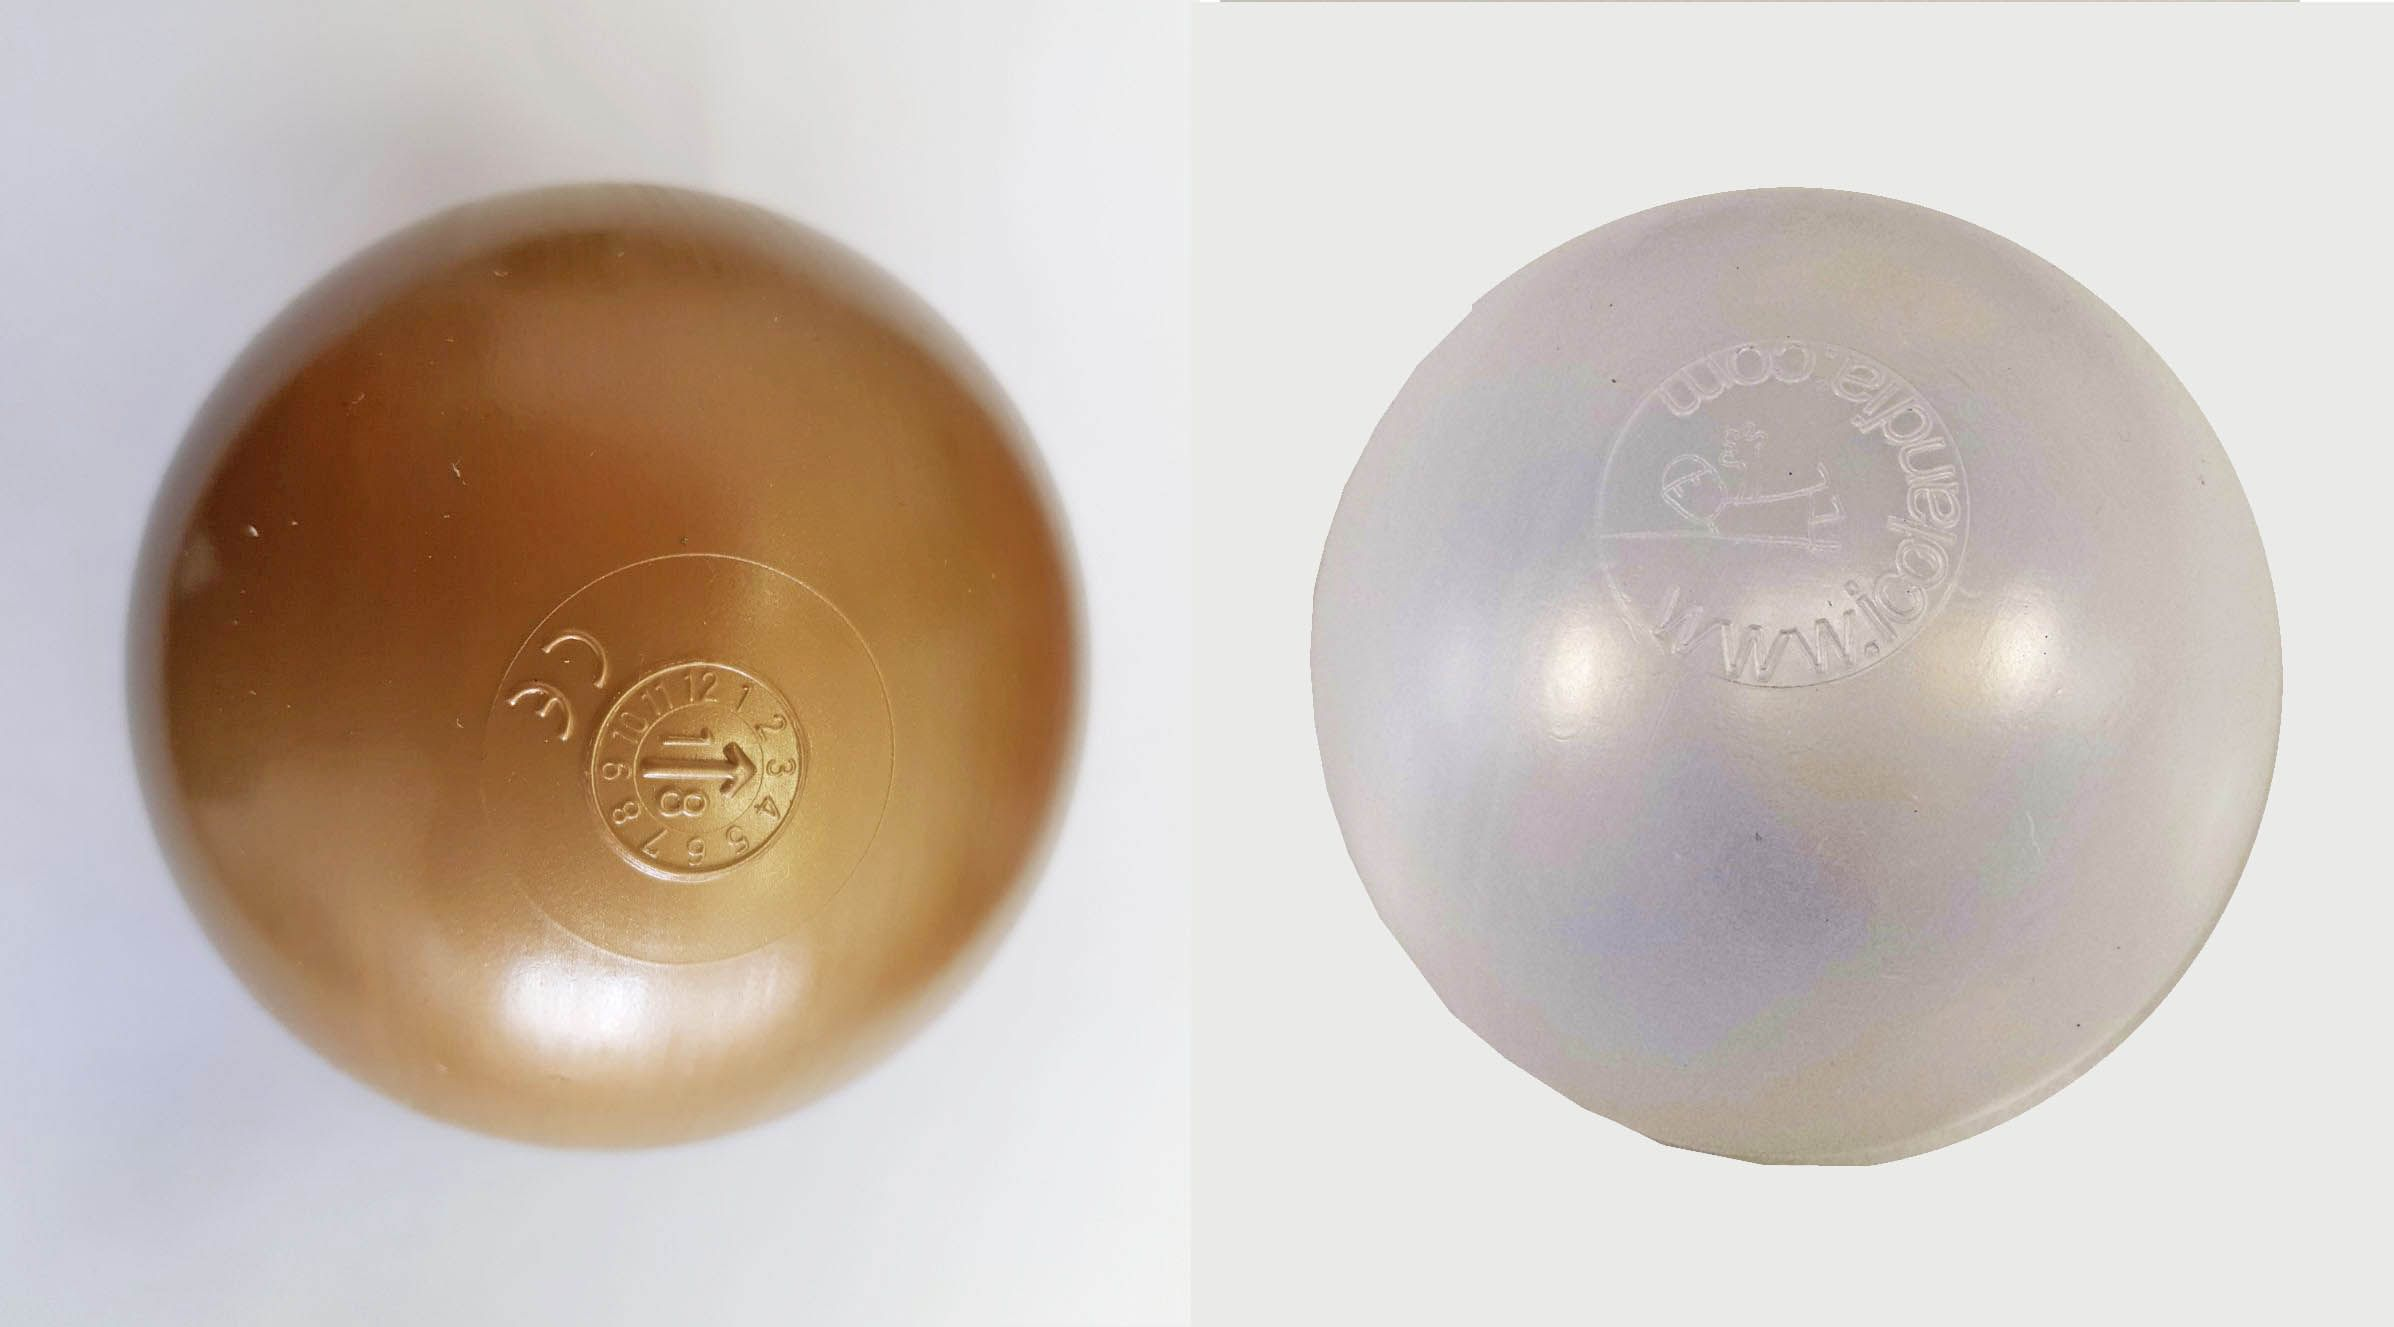 2678fec475f47 Icolandia fabrica piscinas de bolas negras y doradas para eventos ...